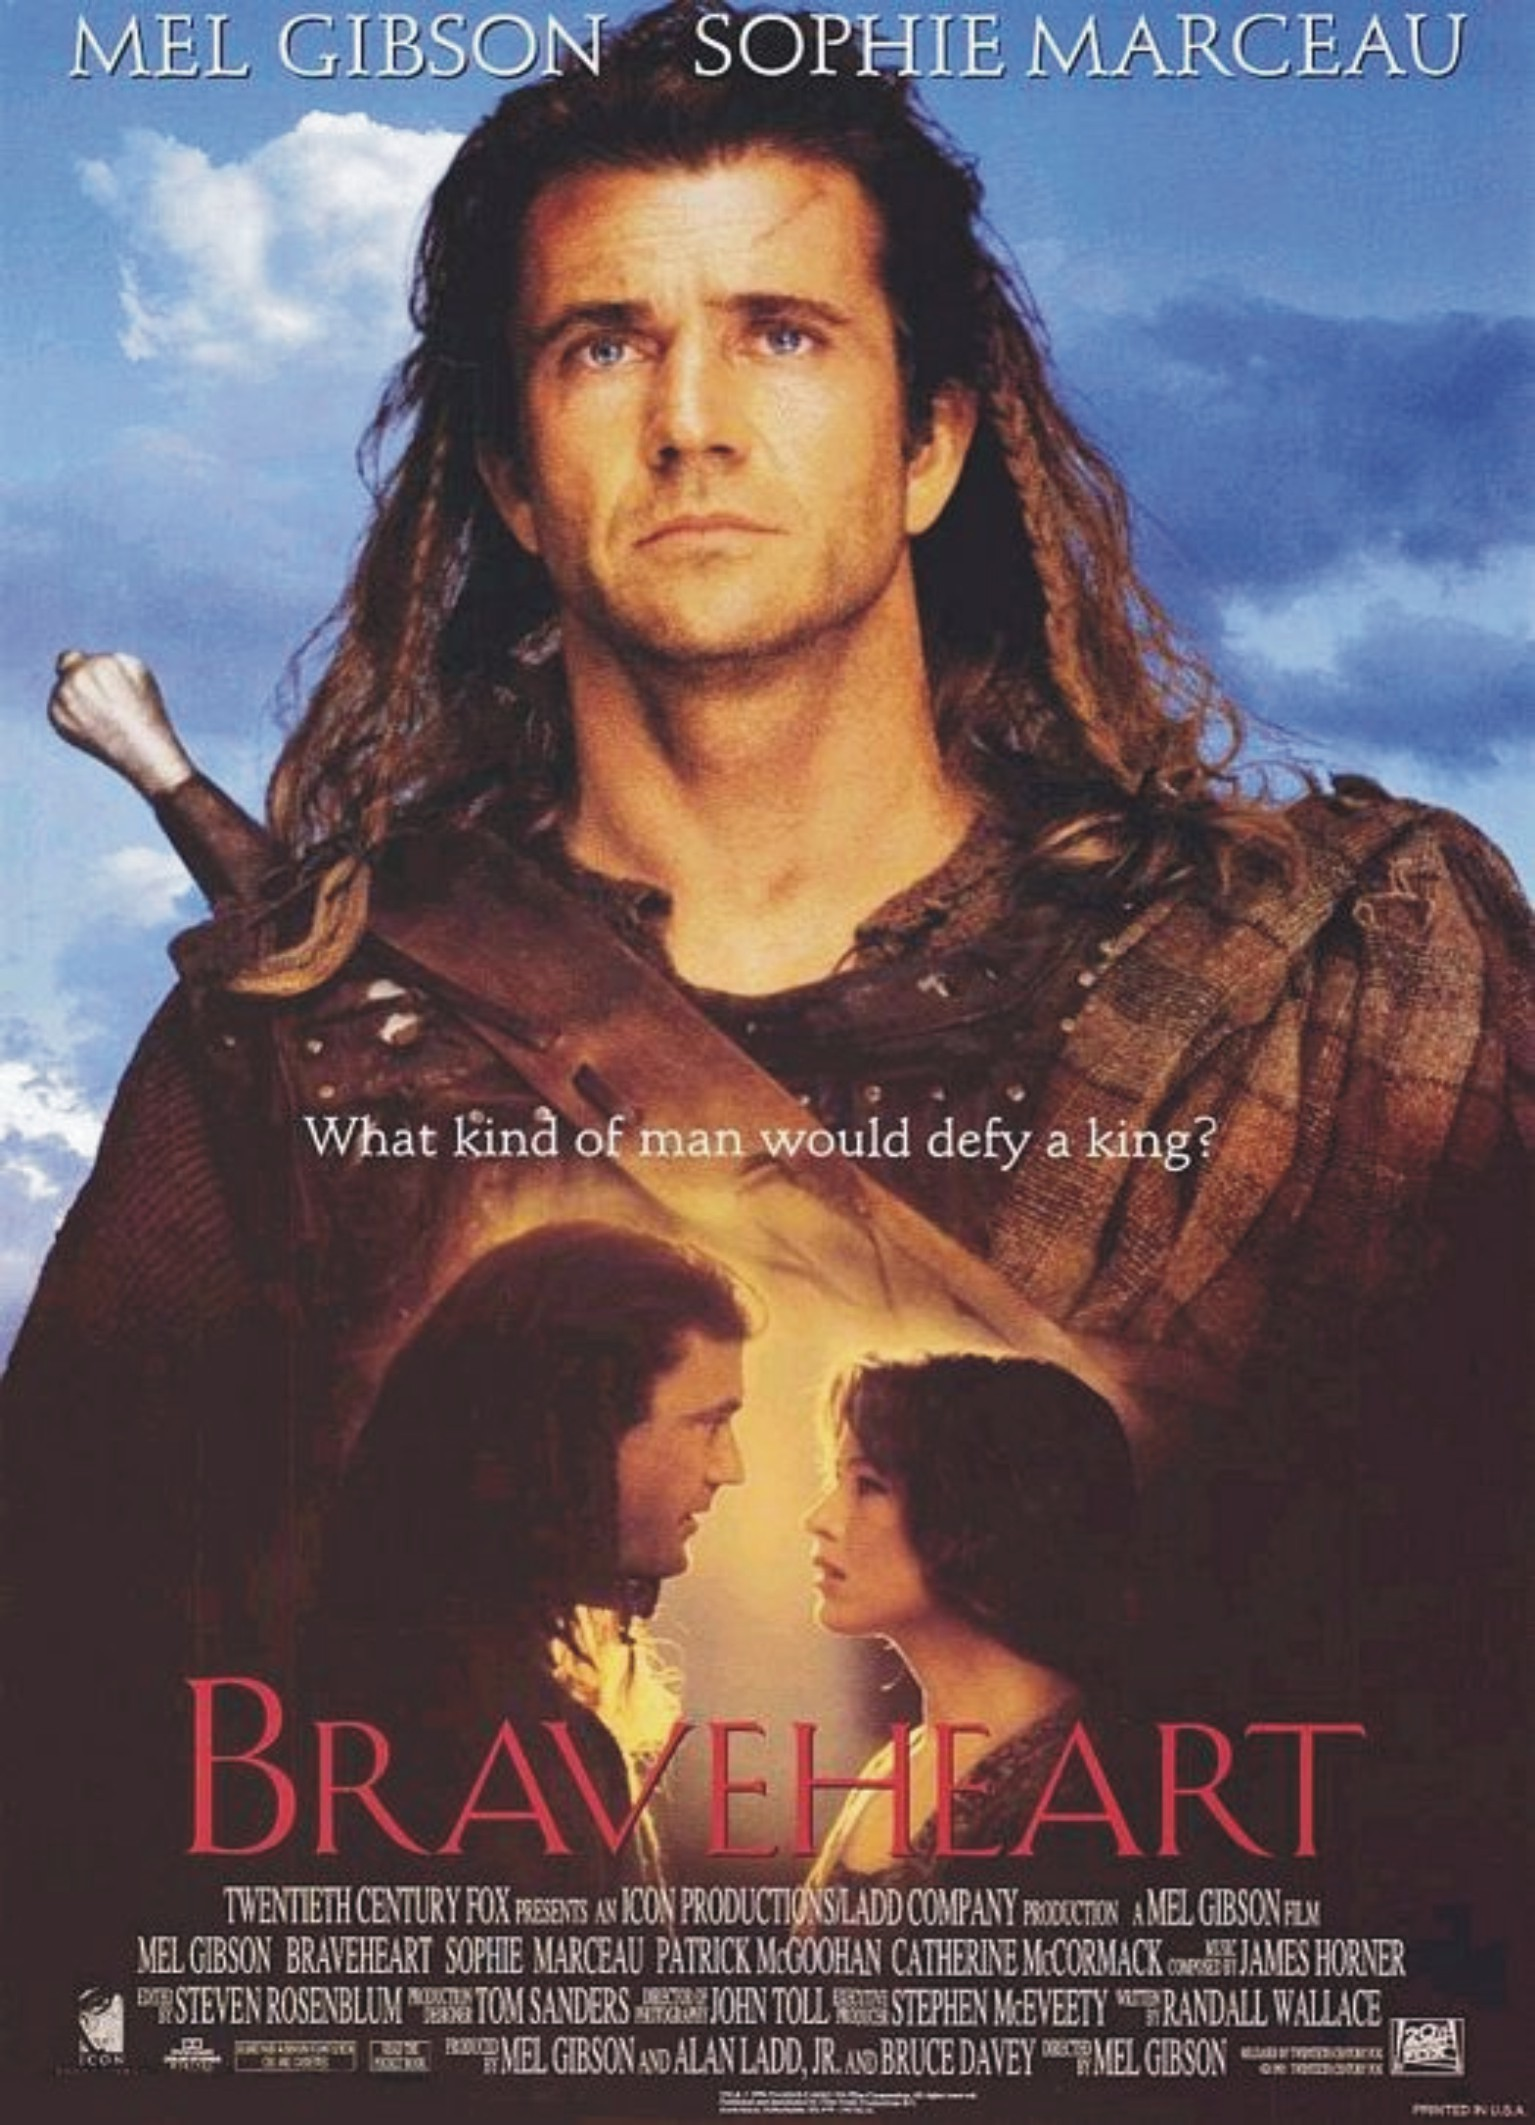 شجاع دل (مل گيبسون)